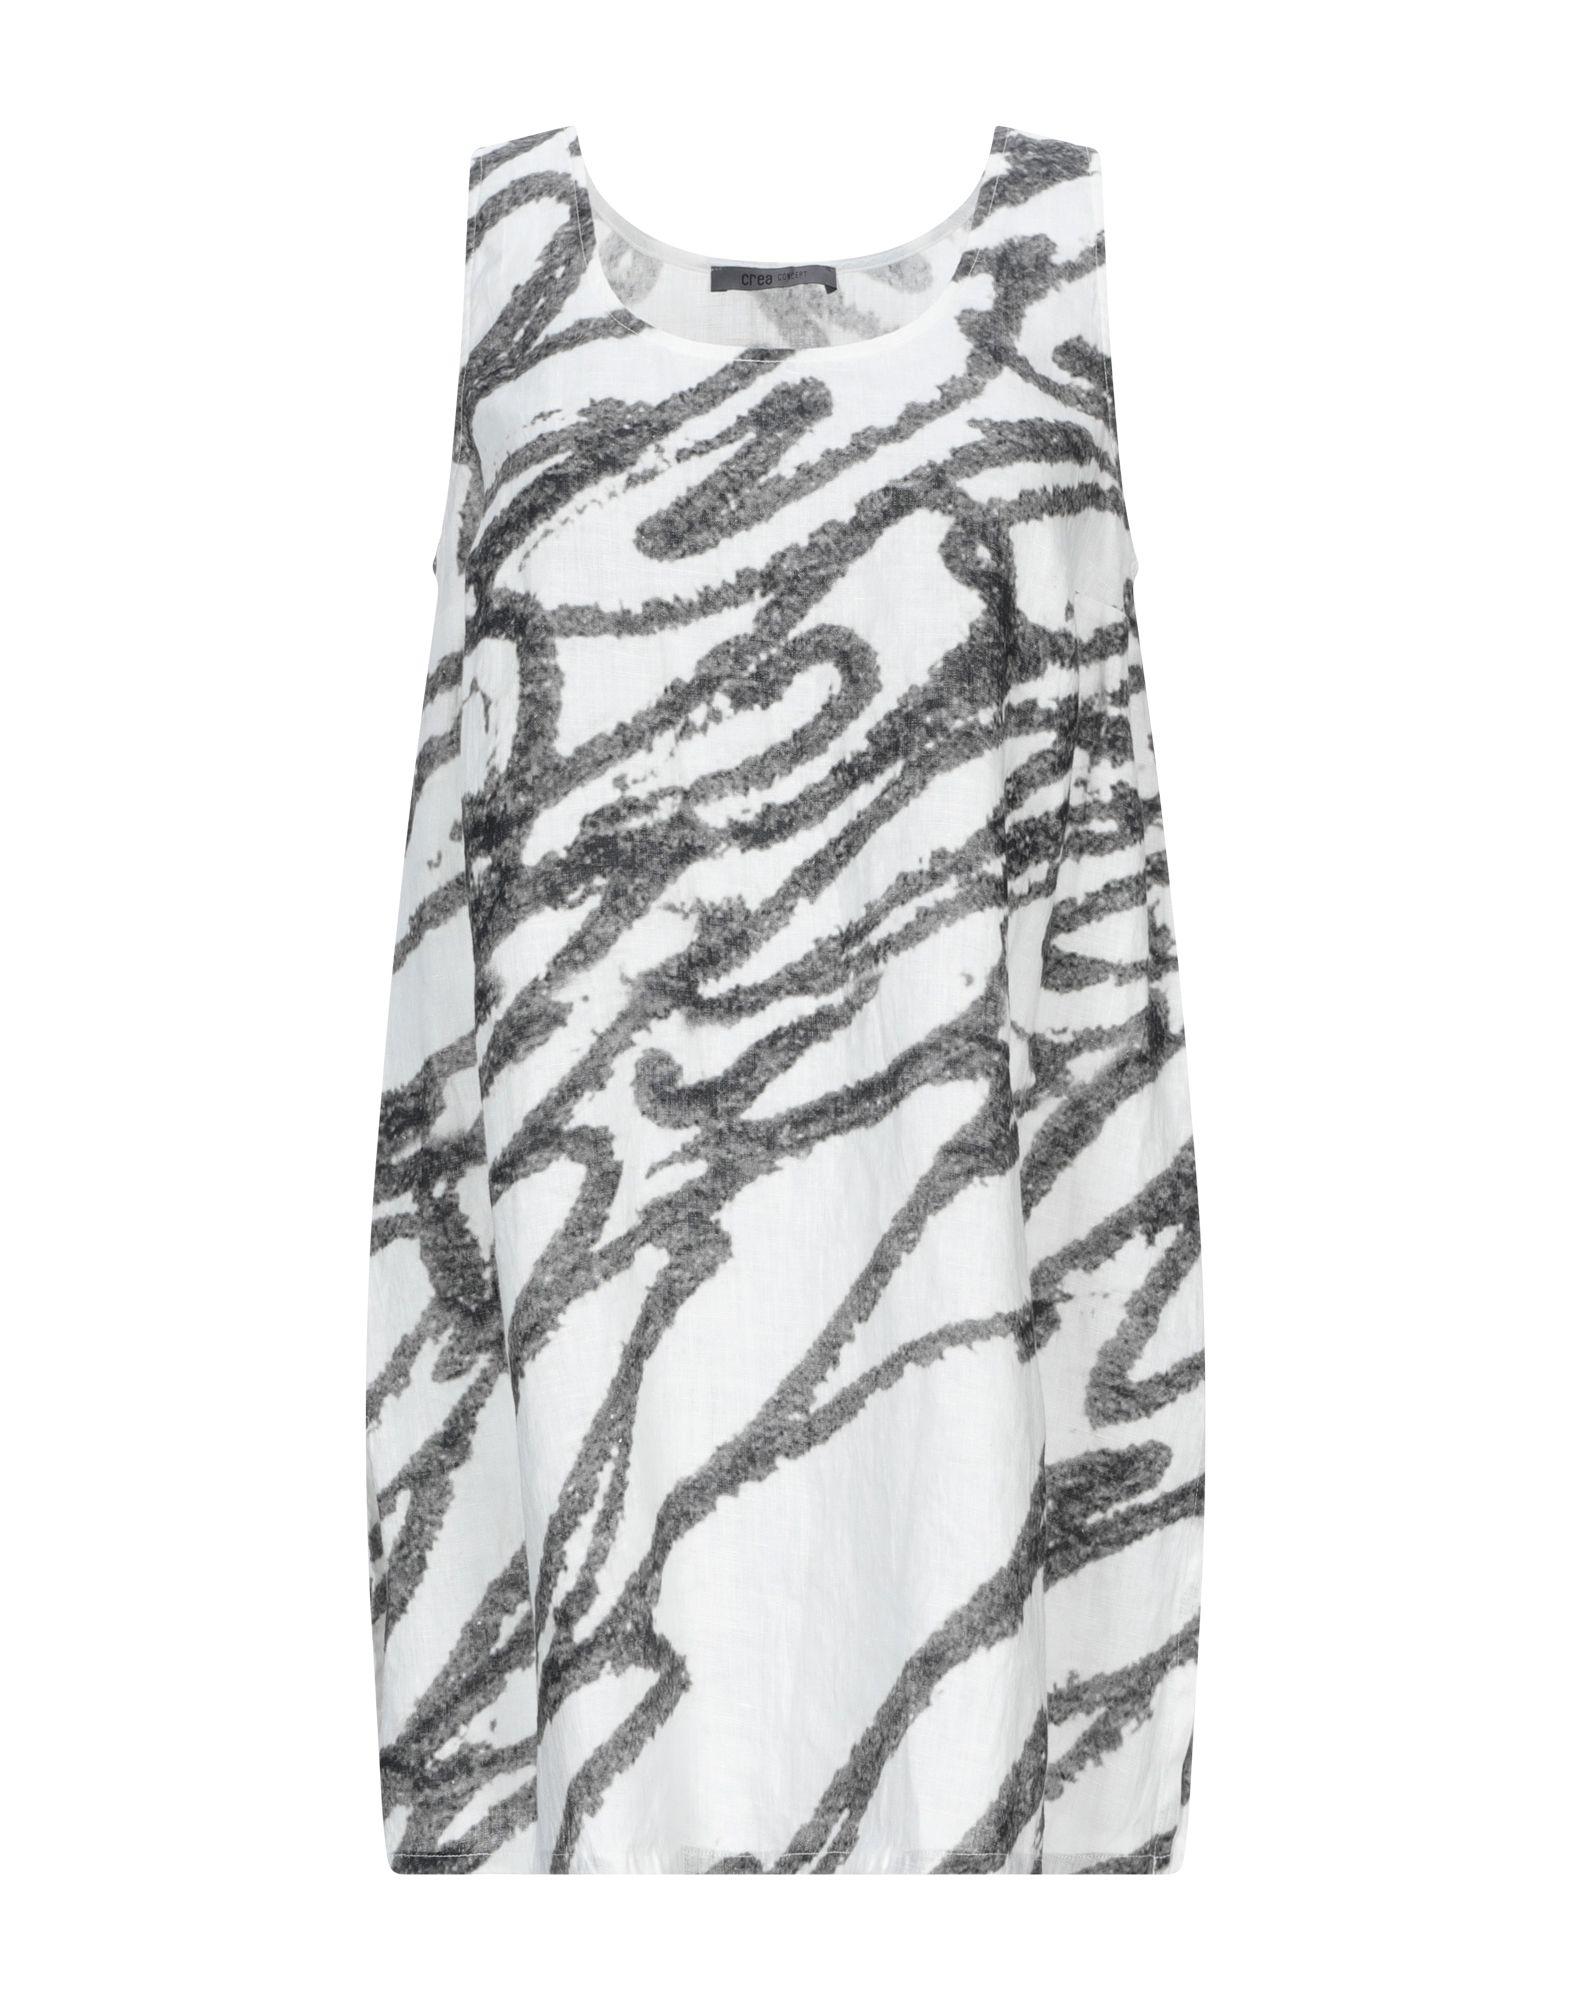 CREA CONCEPT Топ без рукавов джемпер для девочки concept club aurelius цвет разноцветный 10210310013 8000 размер 134